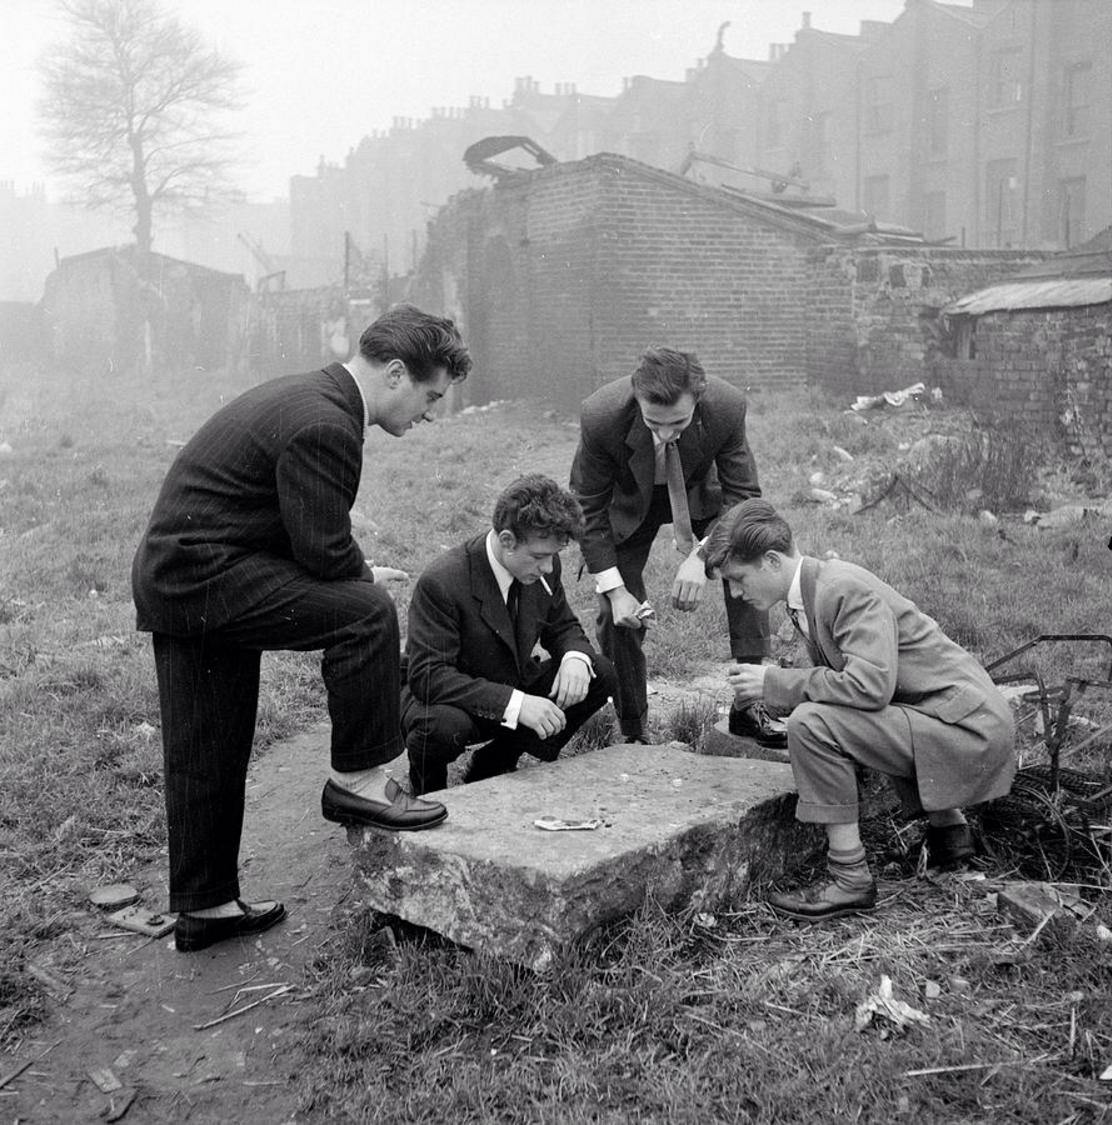 1954. Игроки на пустошах. Лондон